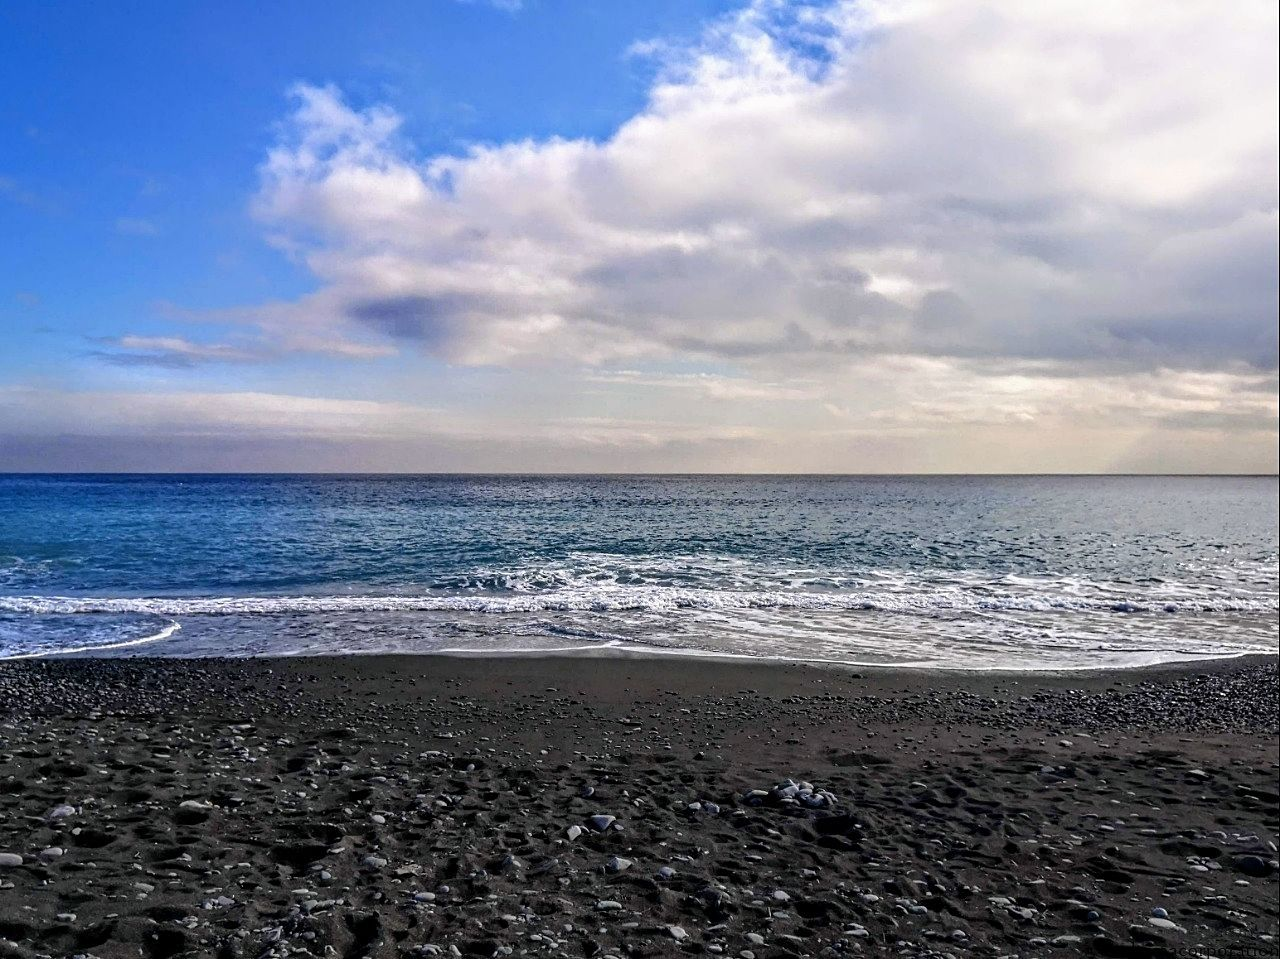 物件巡回の旅シリーズ④:海の見える物件